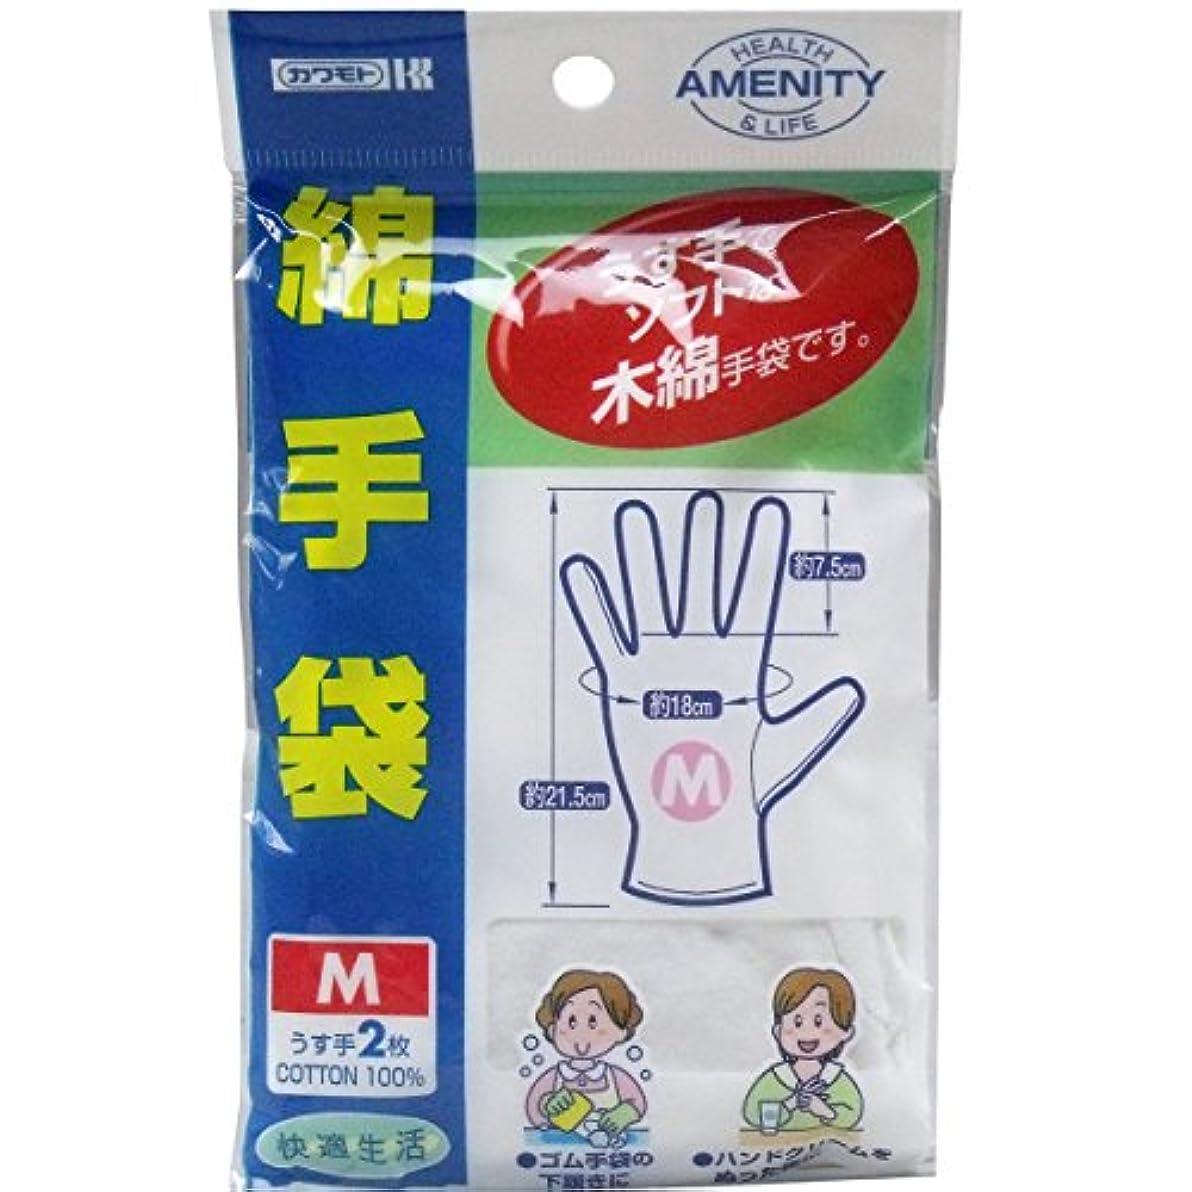 少ないライオン先住民【セット品】綿手袋 Mサイズ うす手2枚入 7個